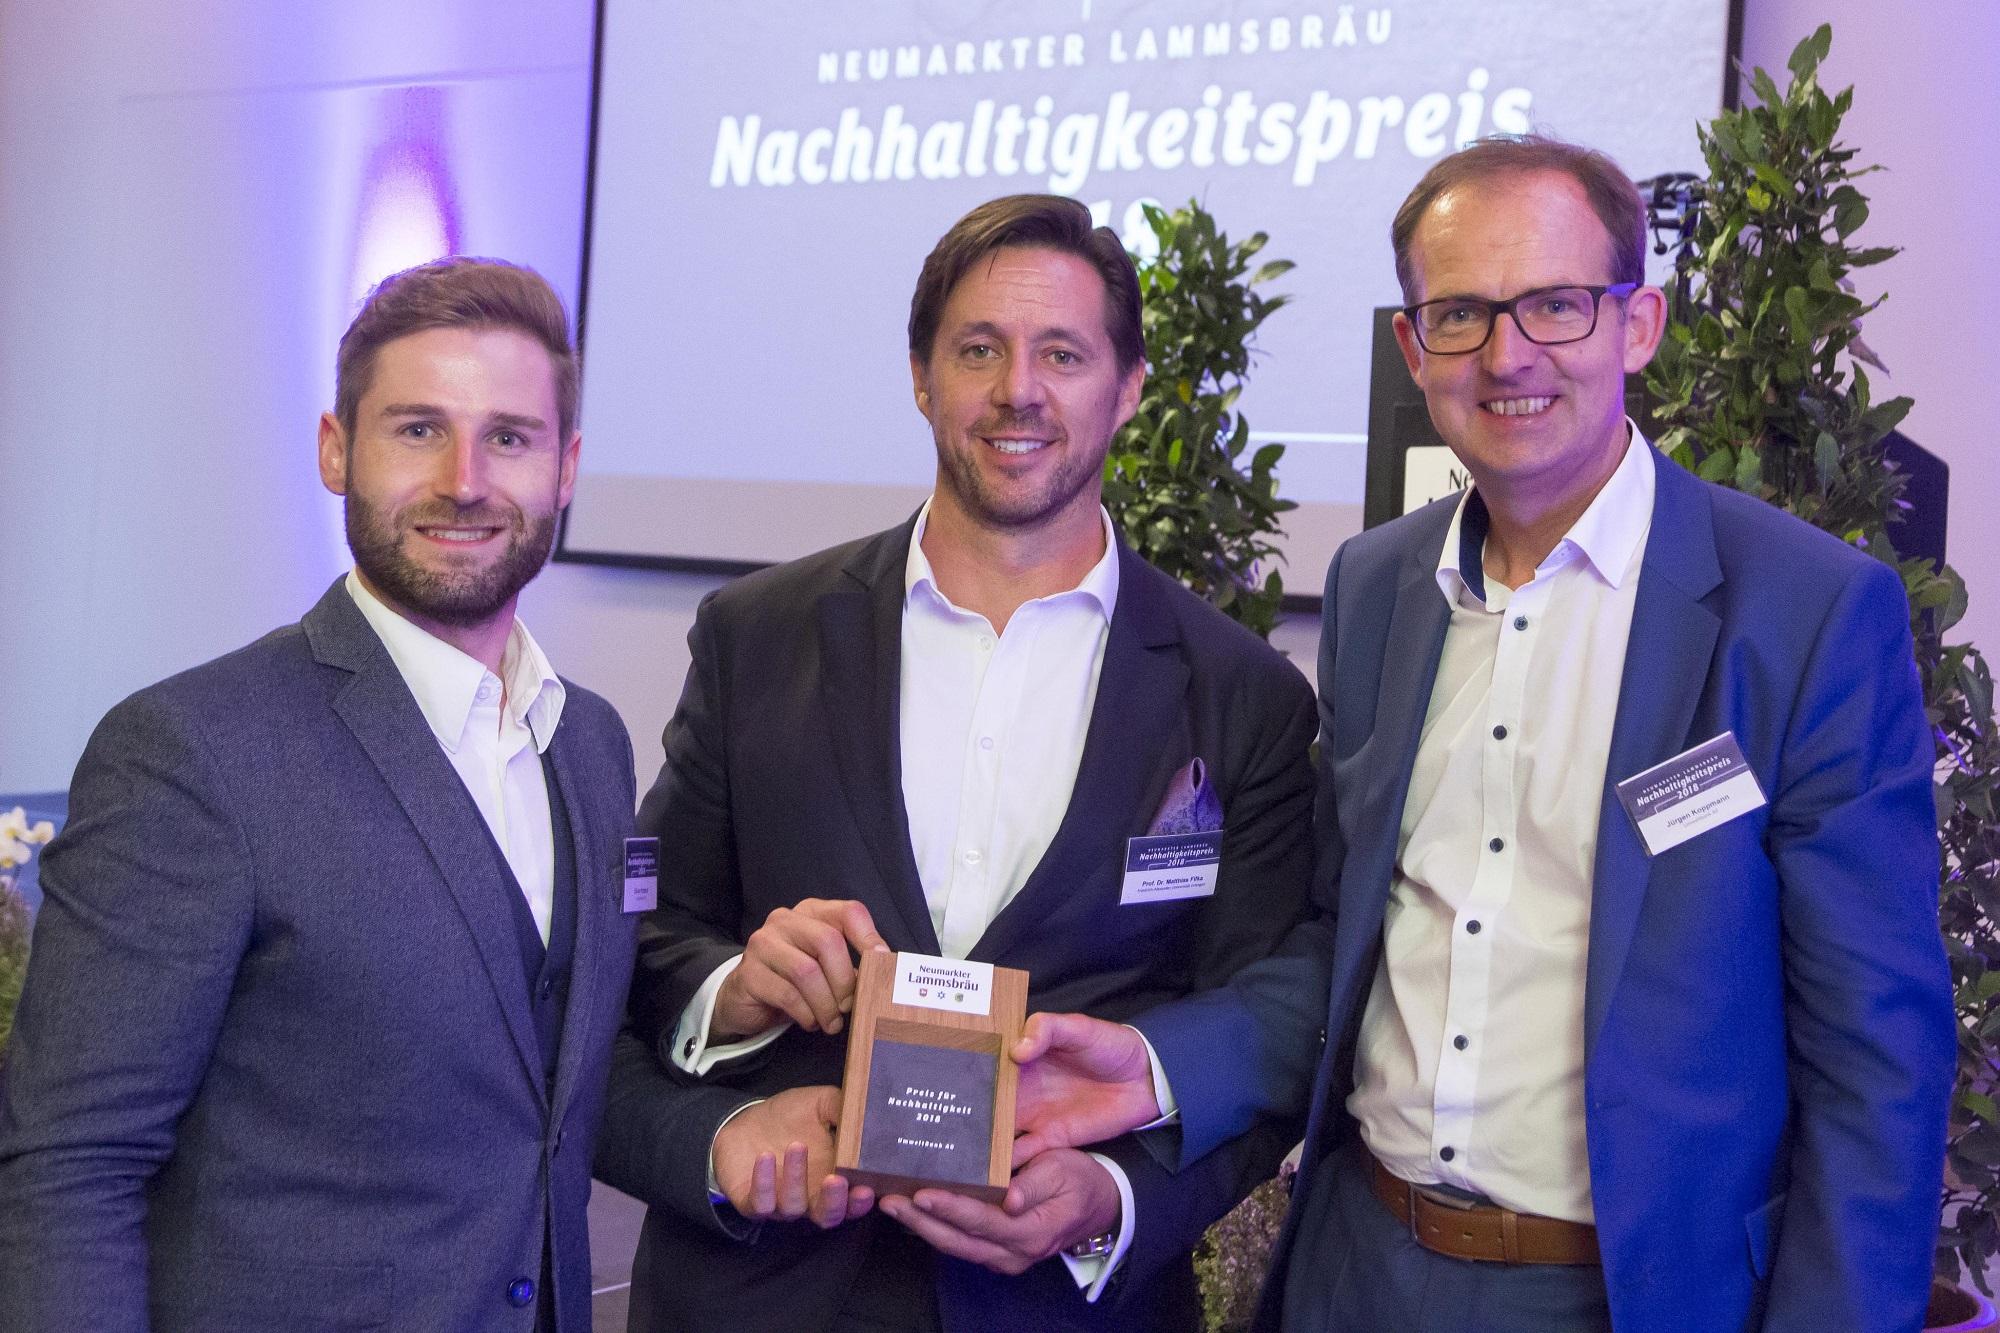 Gewinner UmweltBank Oliver Patzsch (links) und Jürgen Koppmann (rechts) mit Laudator Prof. Dr. Matthias Fifka (Mitte)